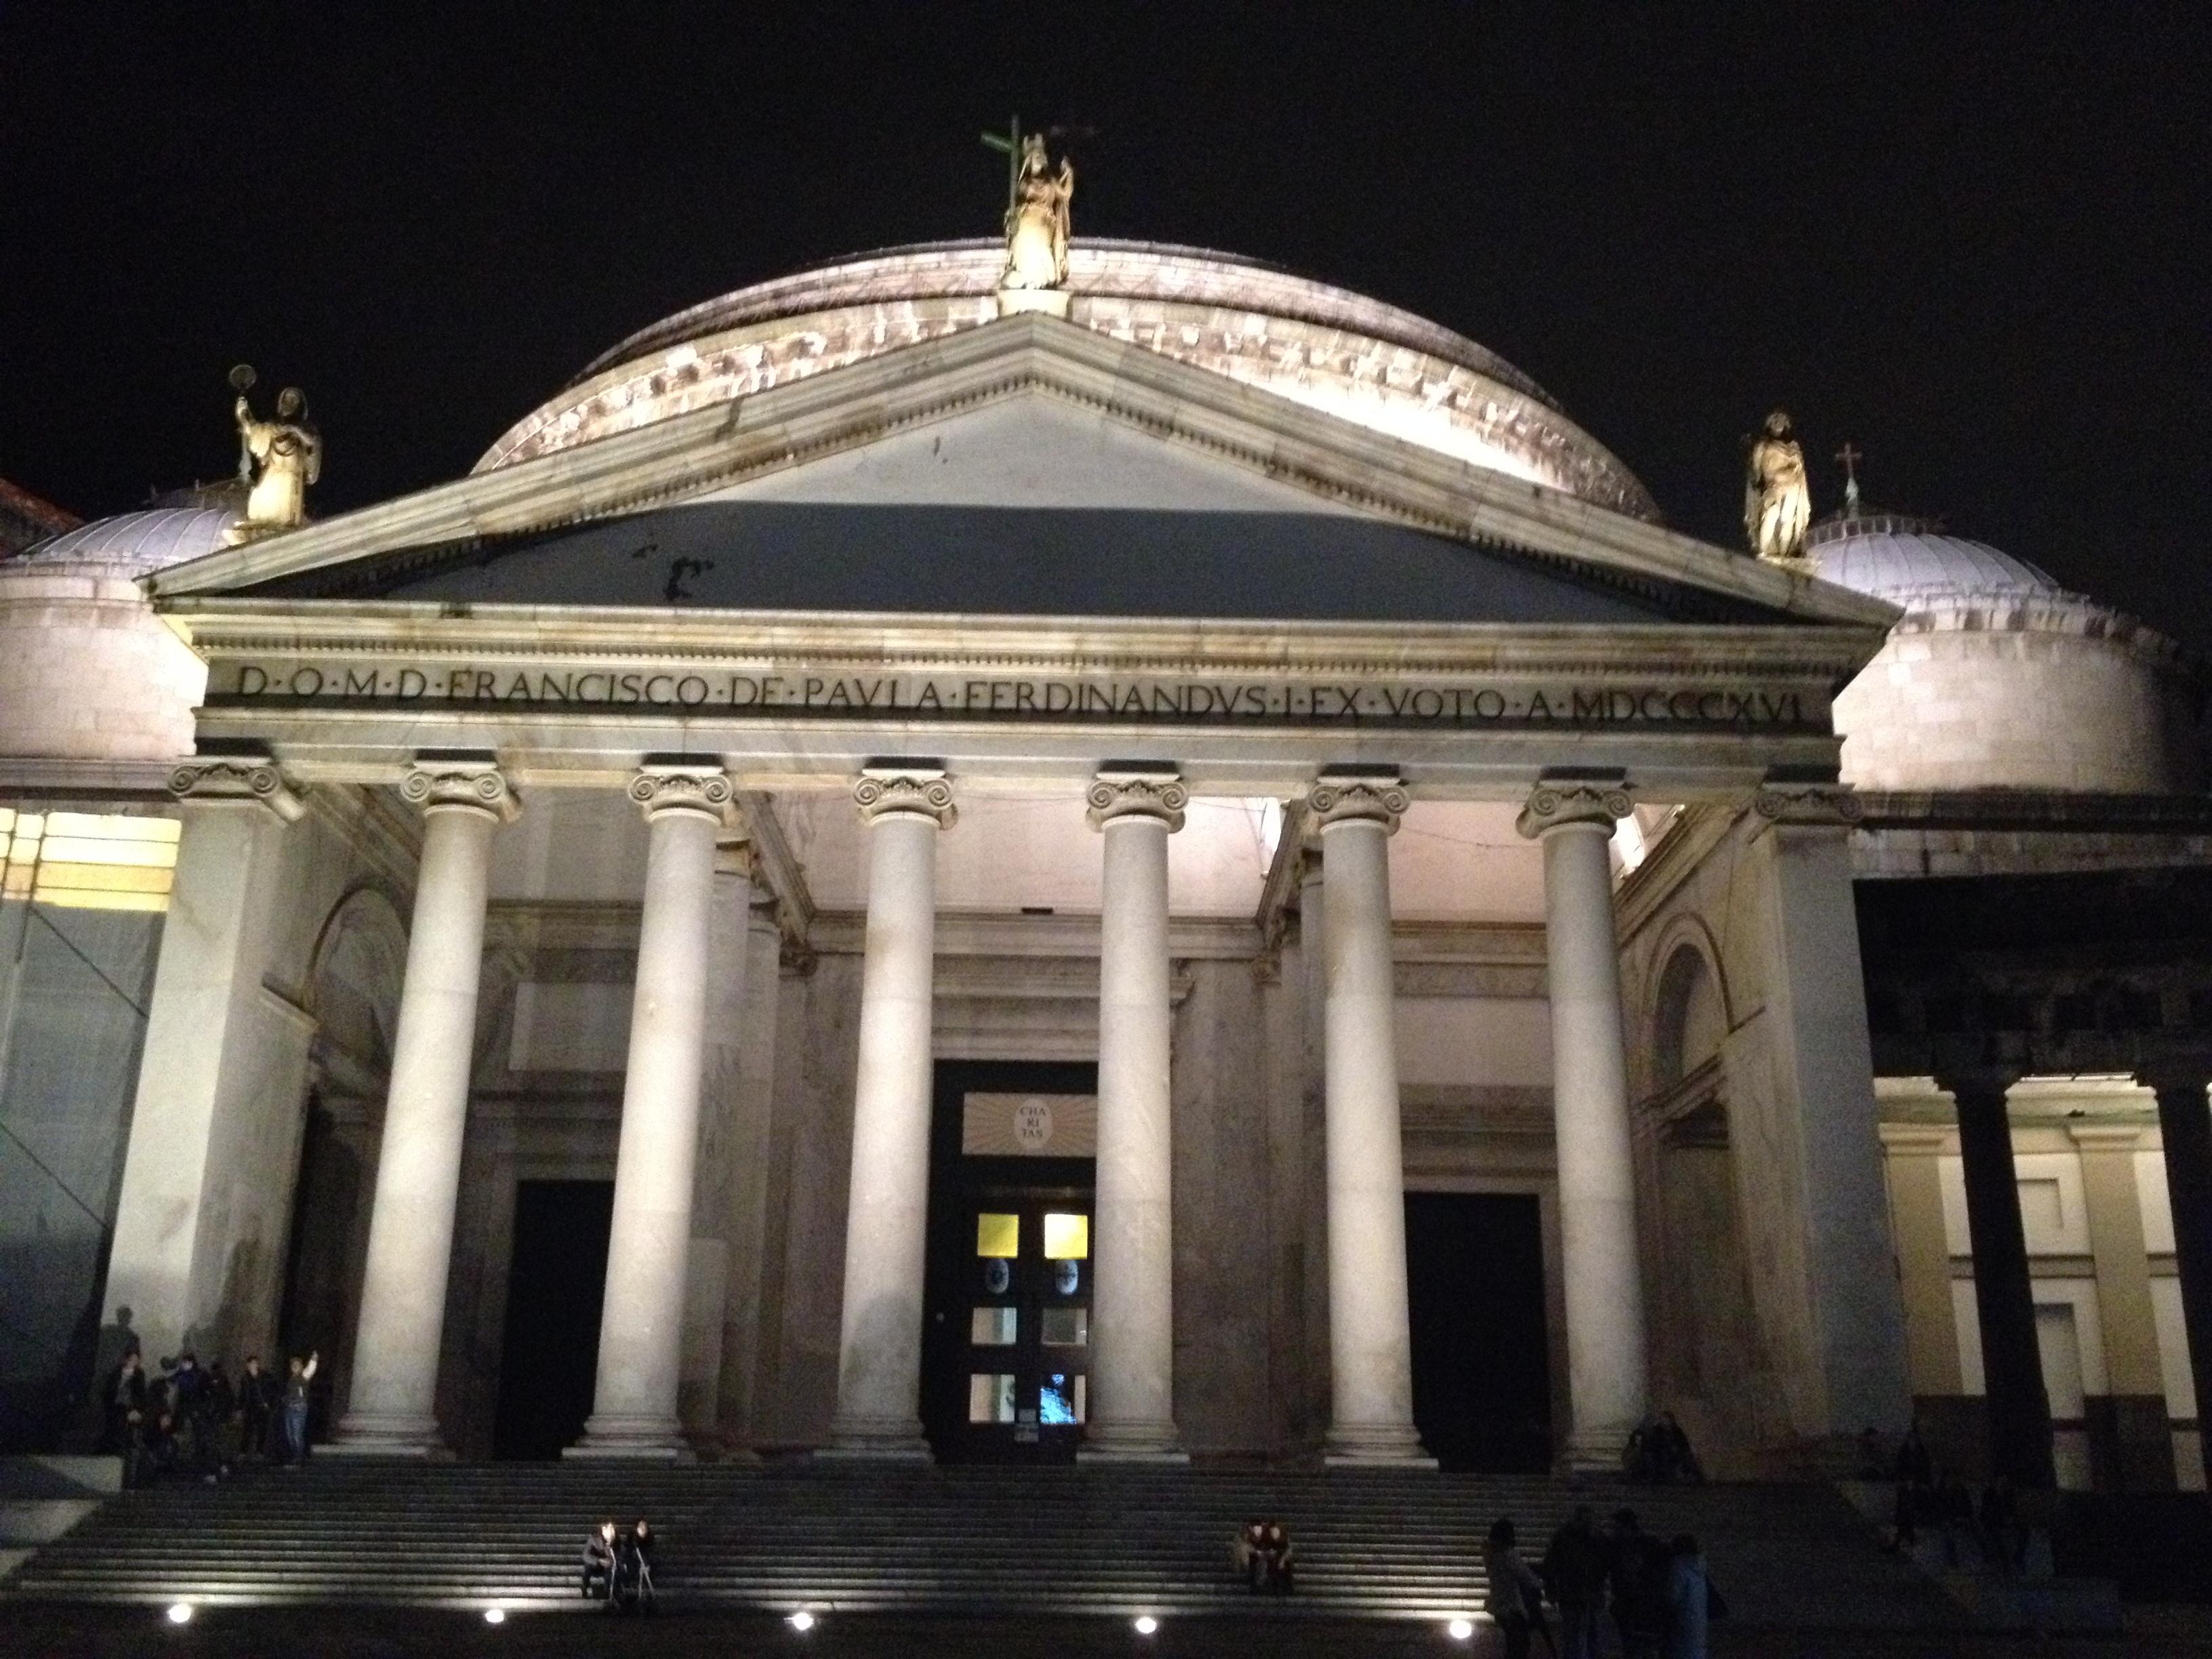 Basilica piazza plebiscito napoli napoli centro storico for Esterno pantheon